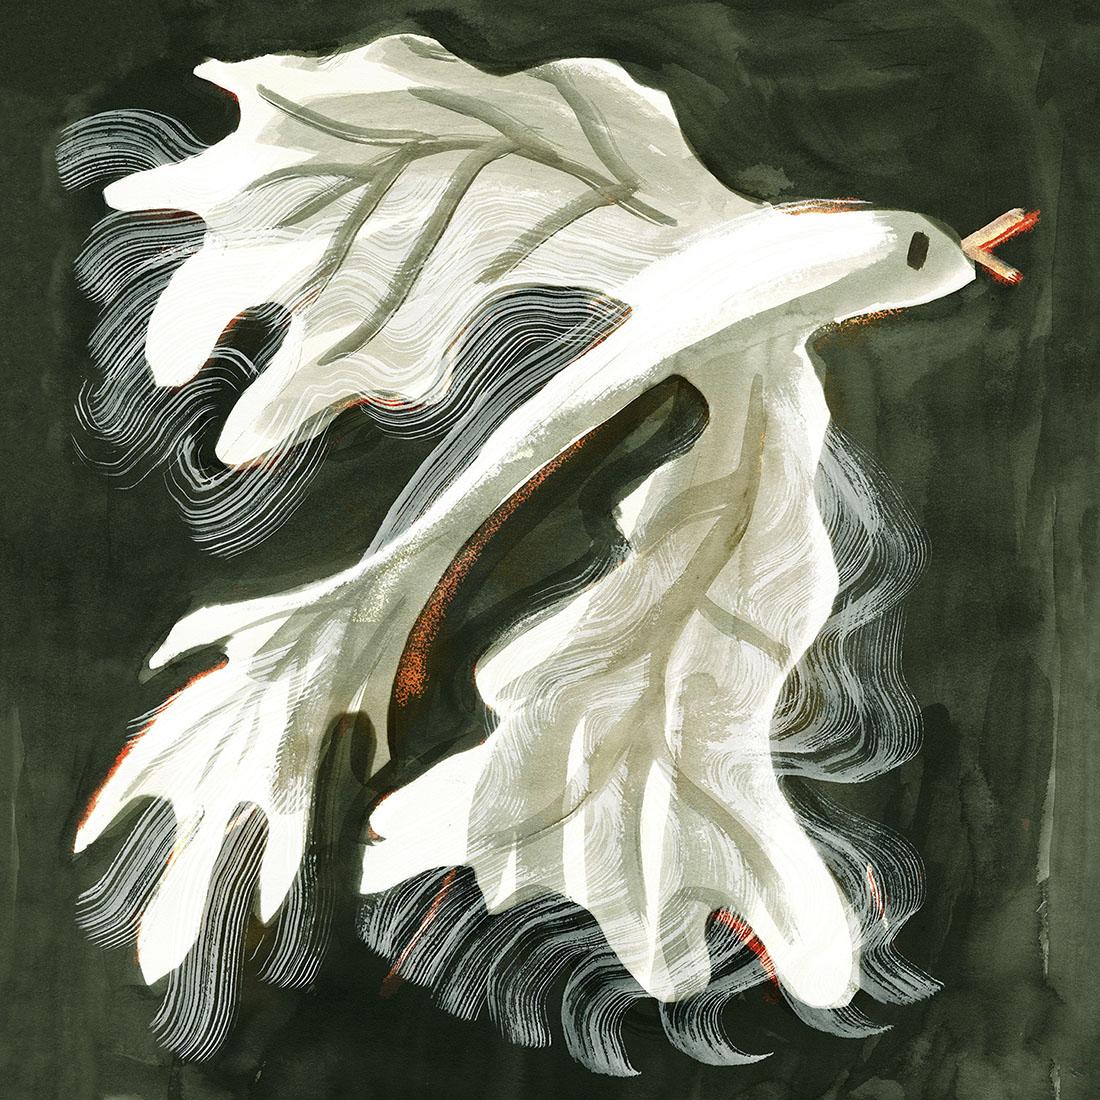 De Groene Eeuw – Illustration by Pyhai